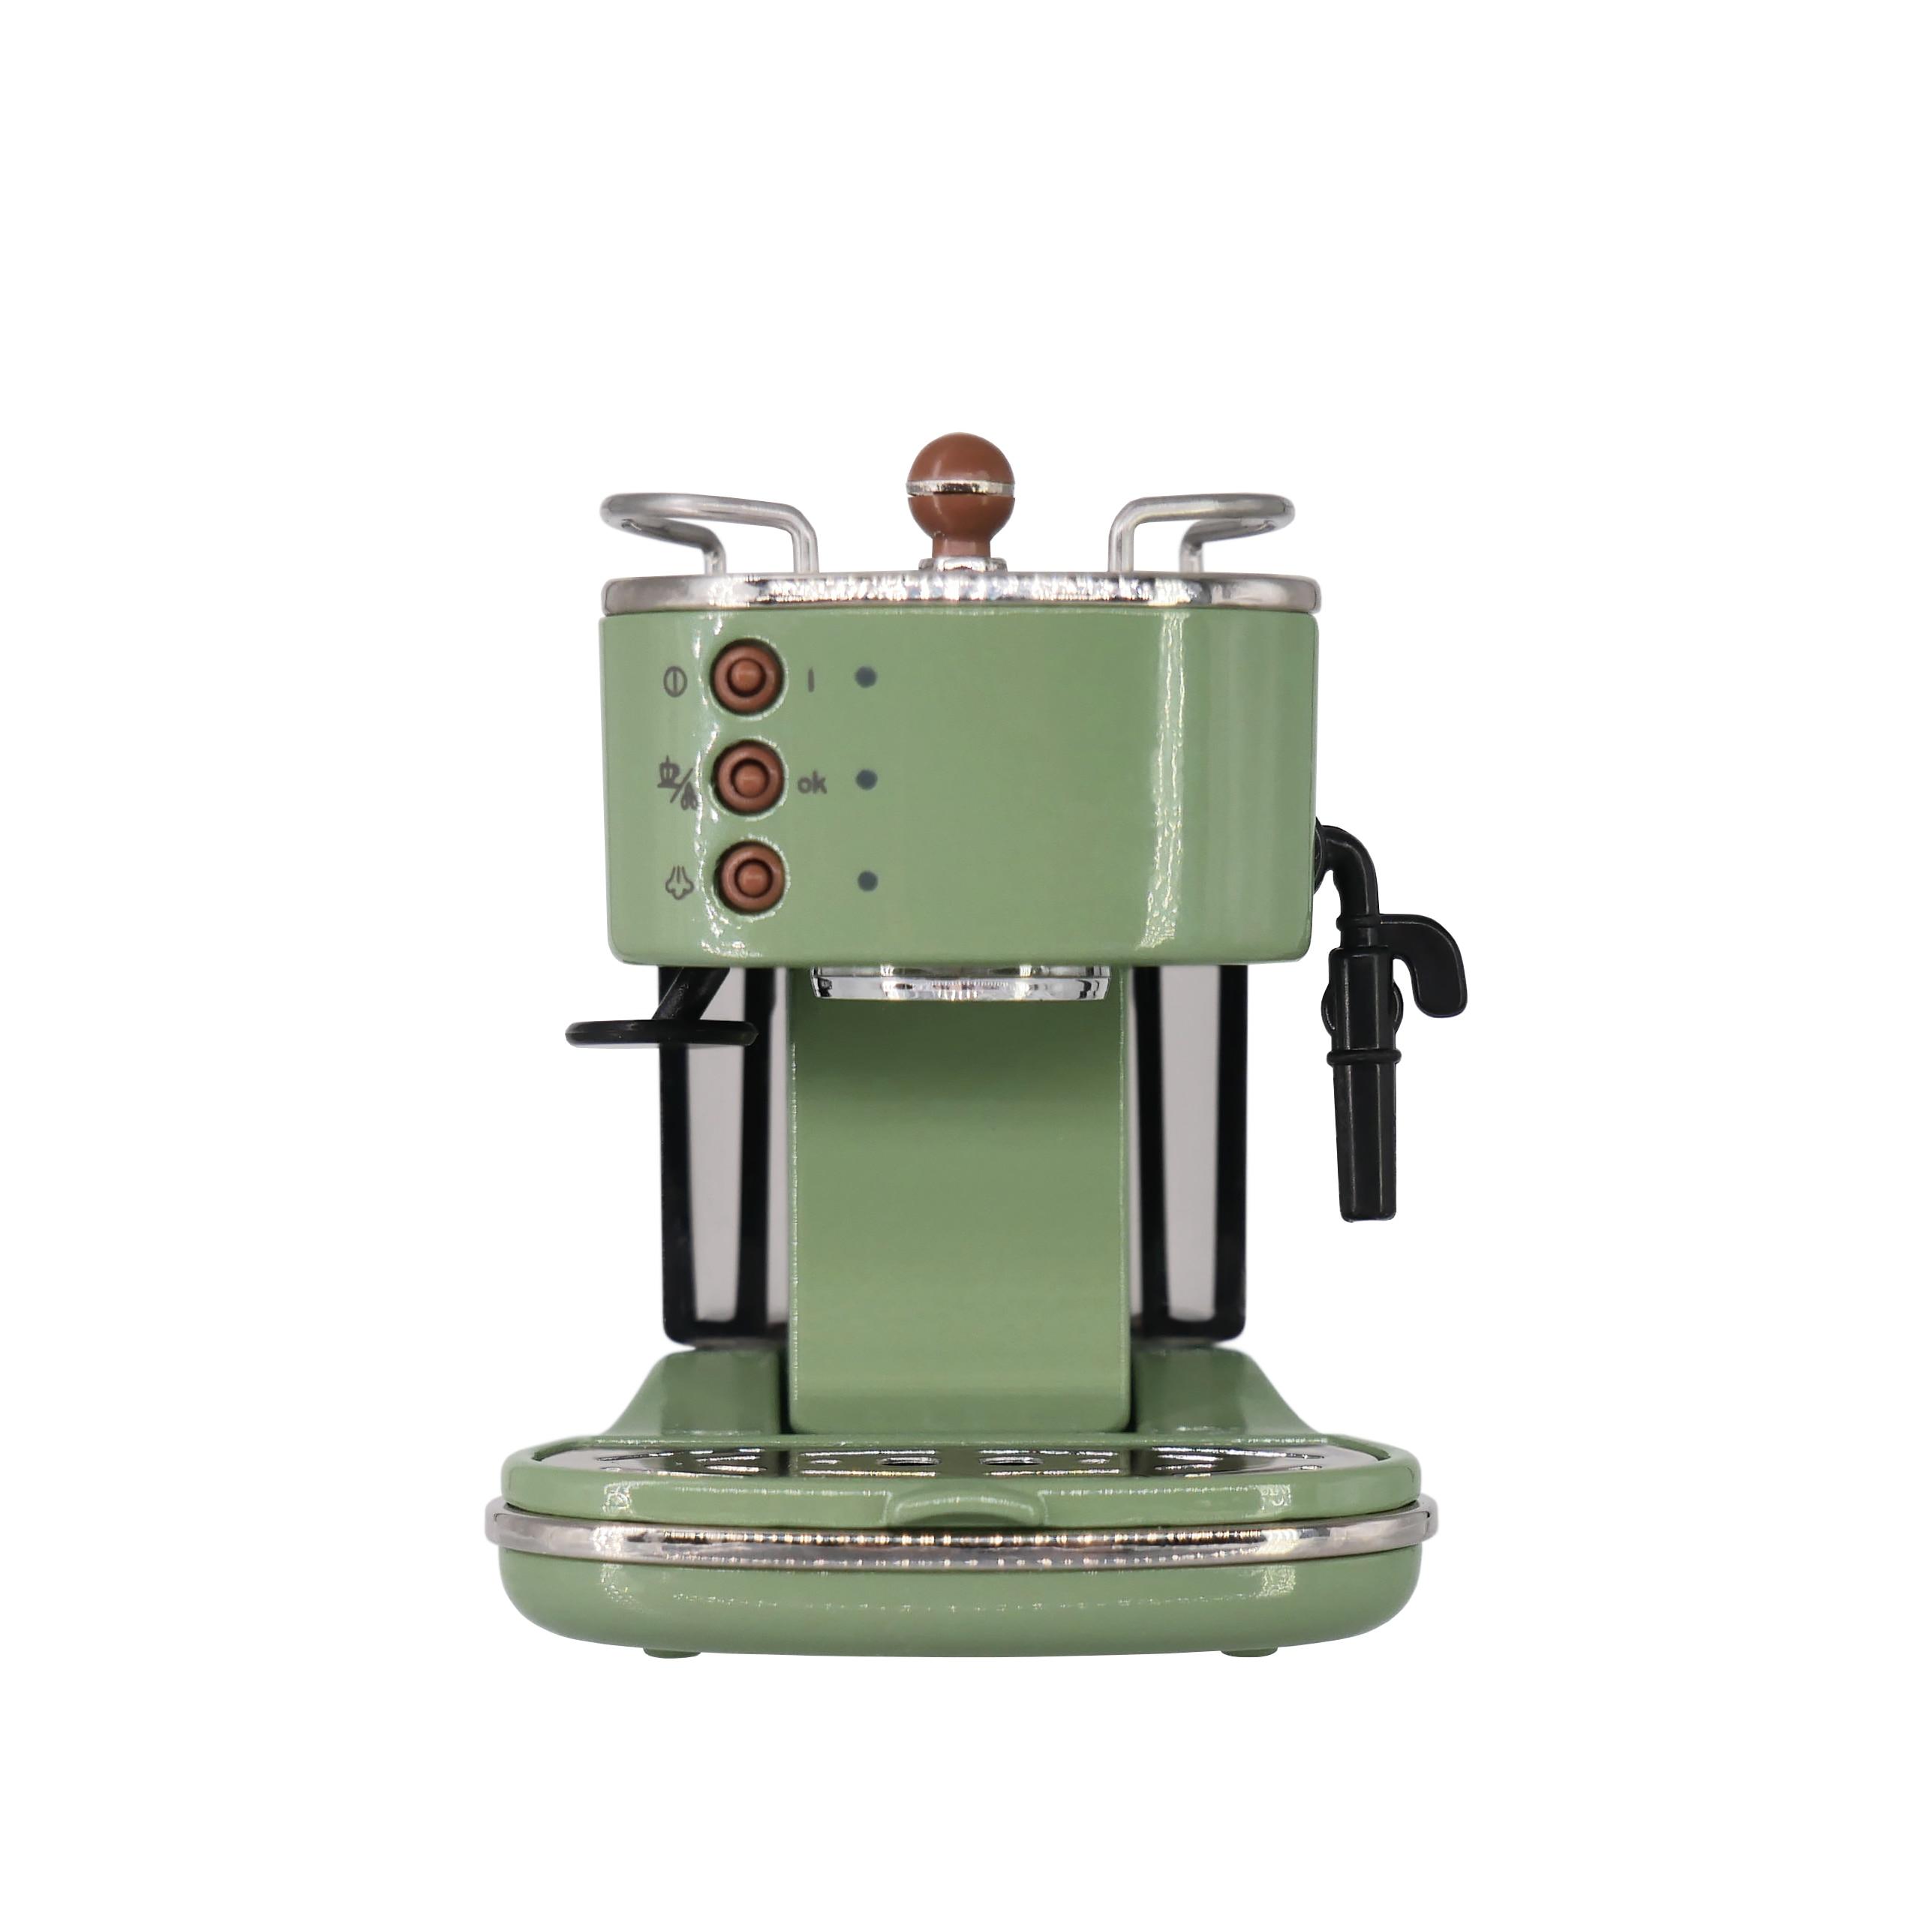 نموذج بيت الدمى 1/6 ، إكسسوارات أثاث ، نموذج ماكينة صنع القهوة الرجعية اللامعة